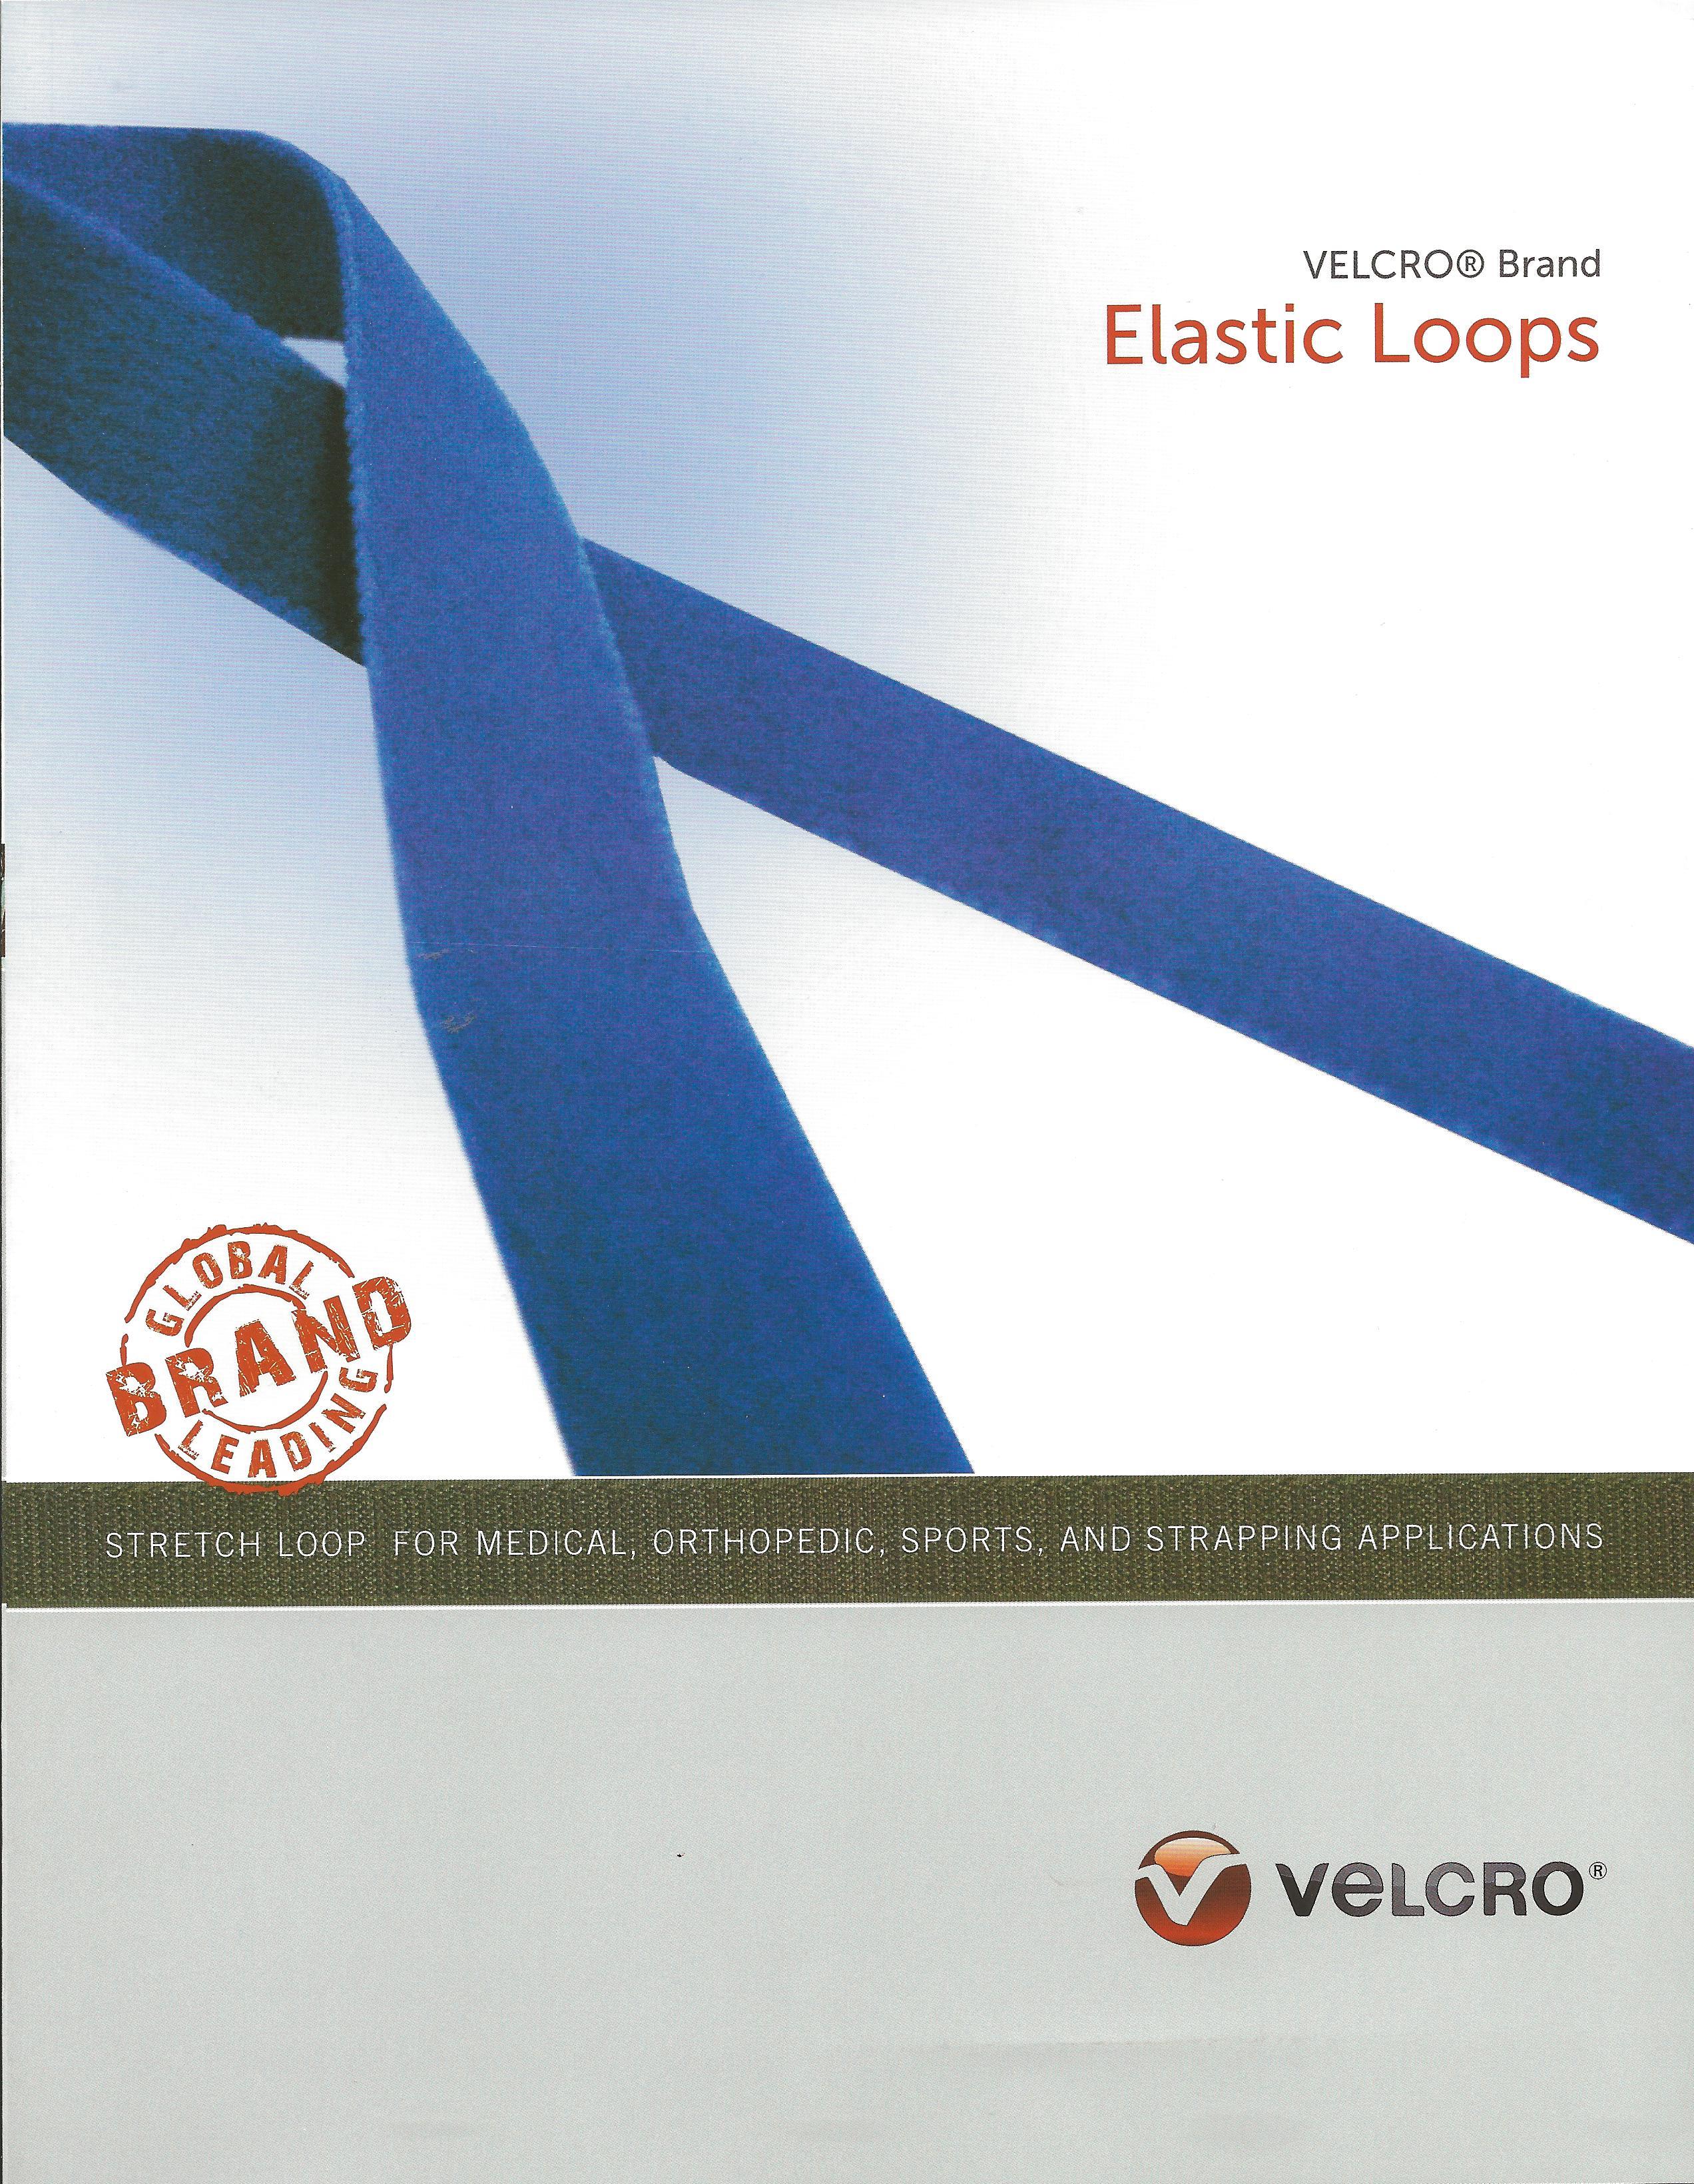 Velcro Brand Elastic Loops